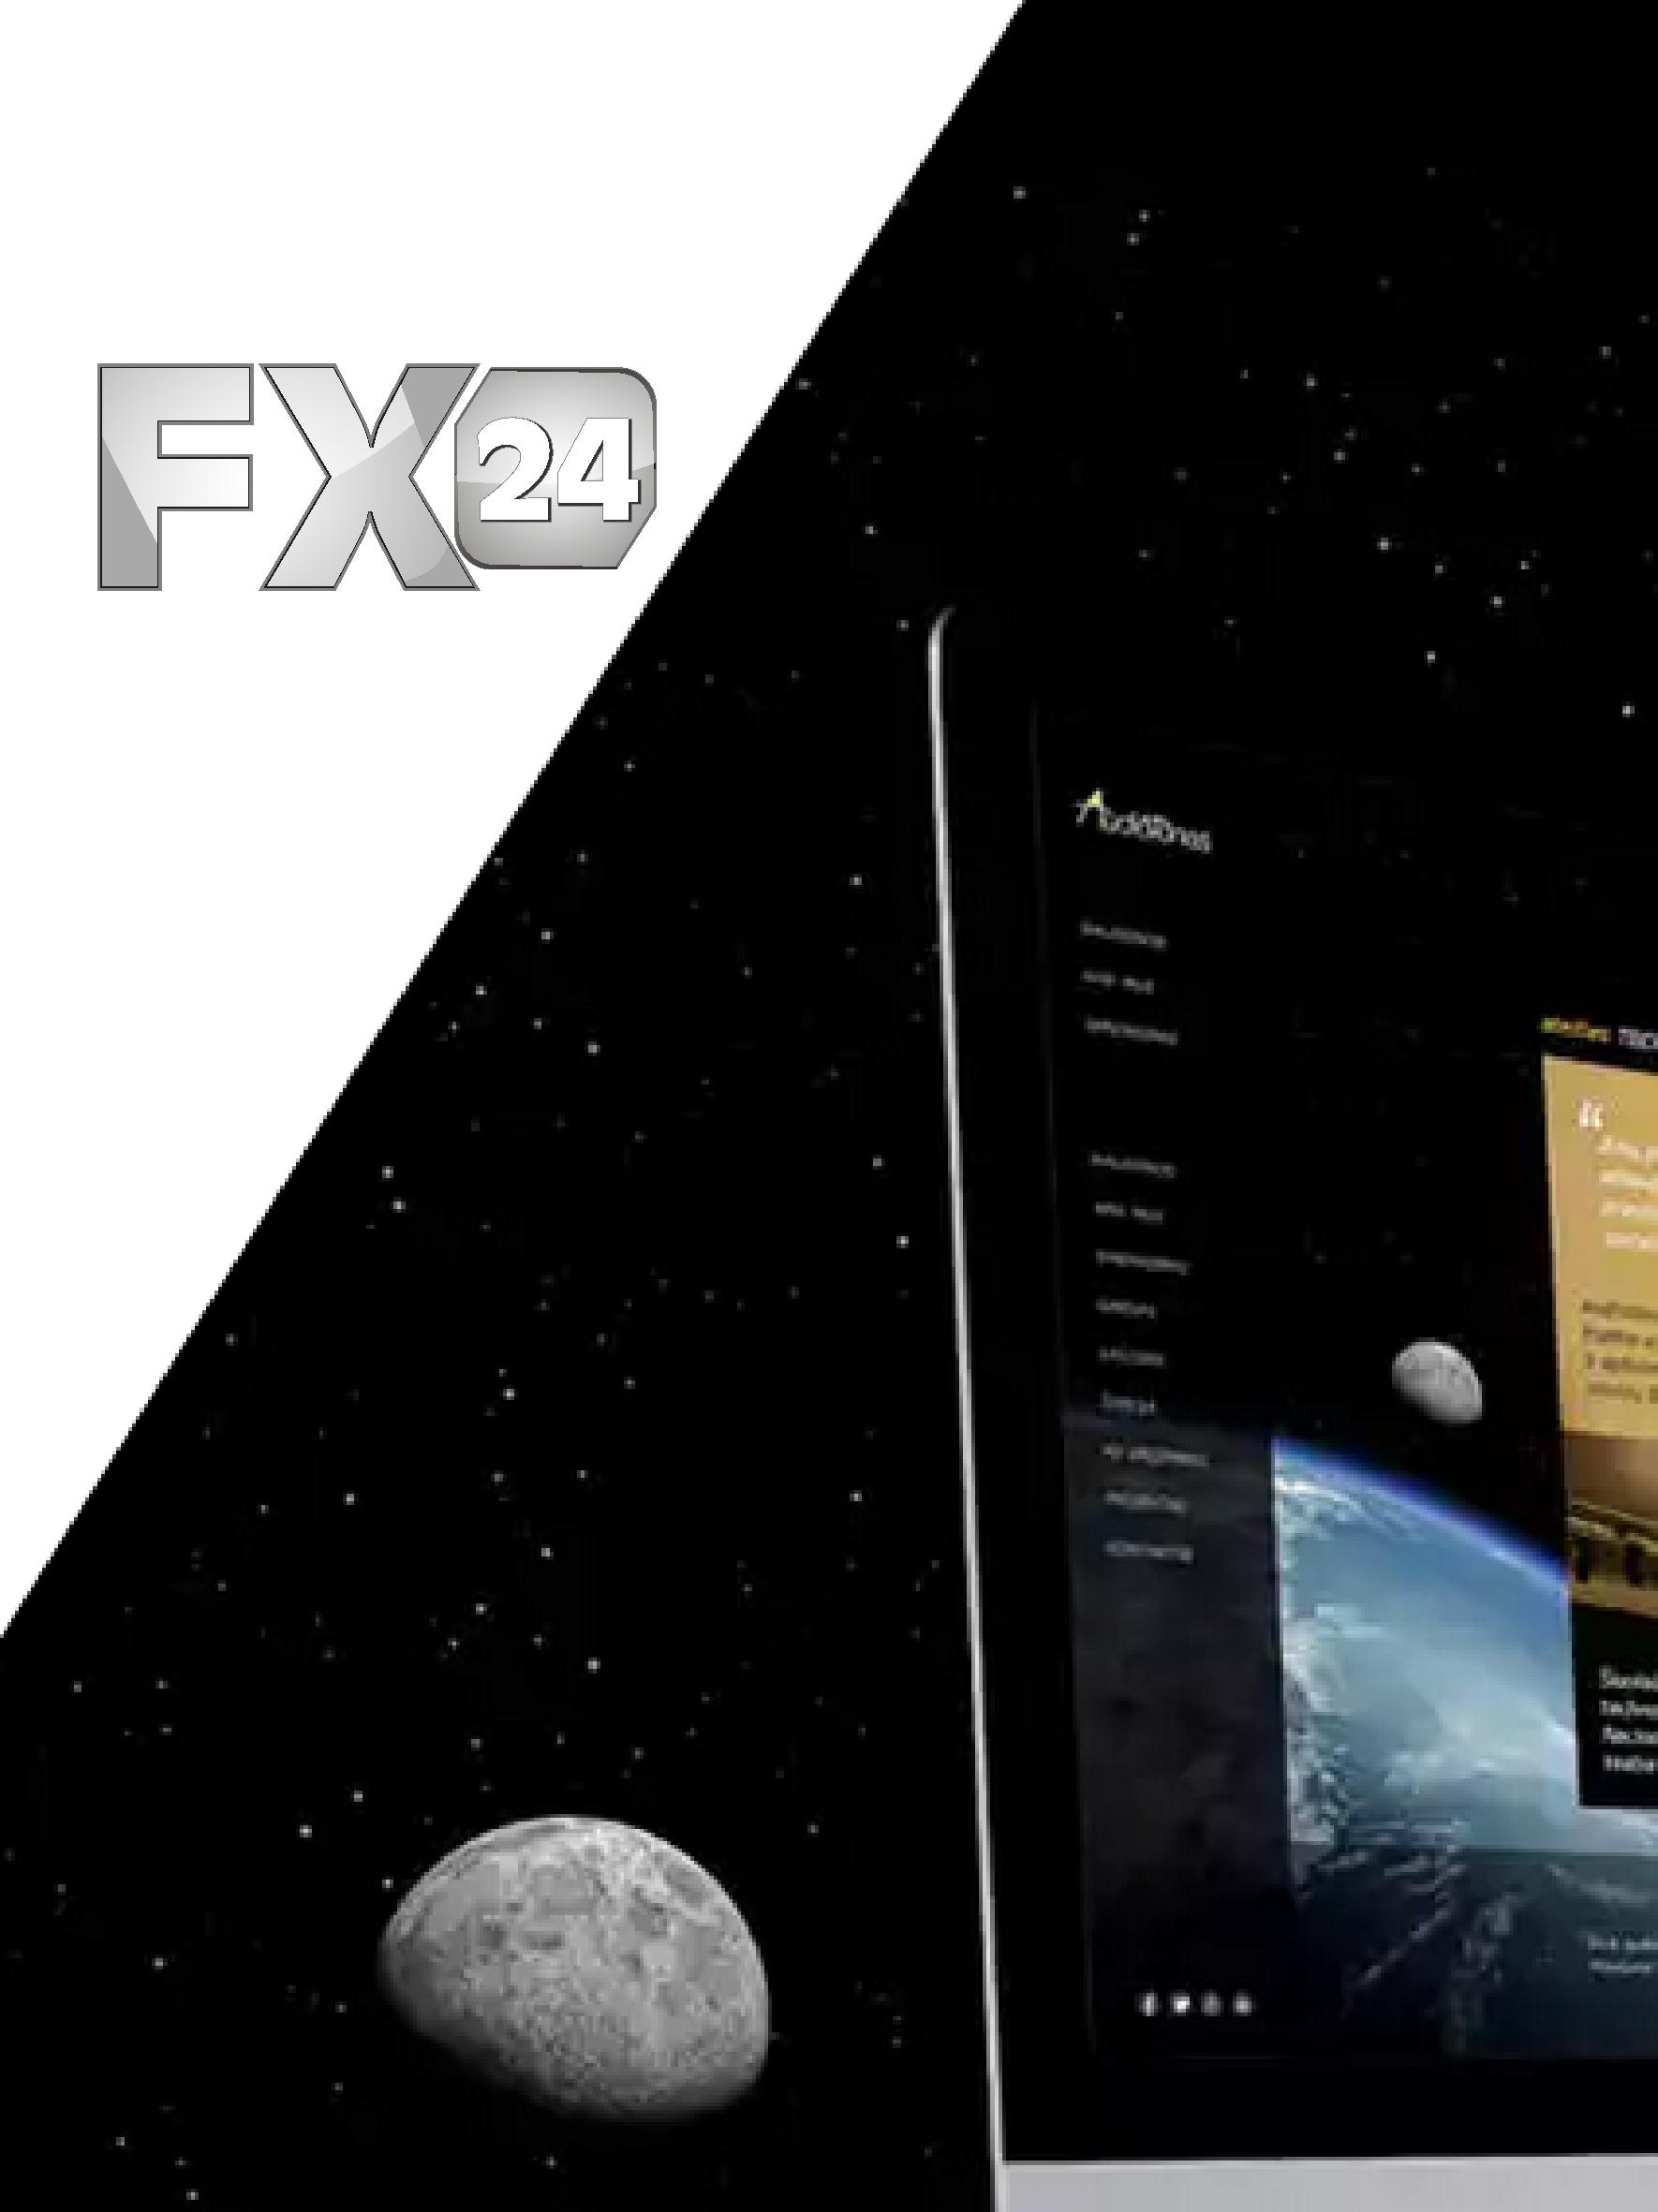 Разработка логотипа компании FX-24 фото f_18454532e30806e6.jpg